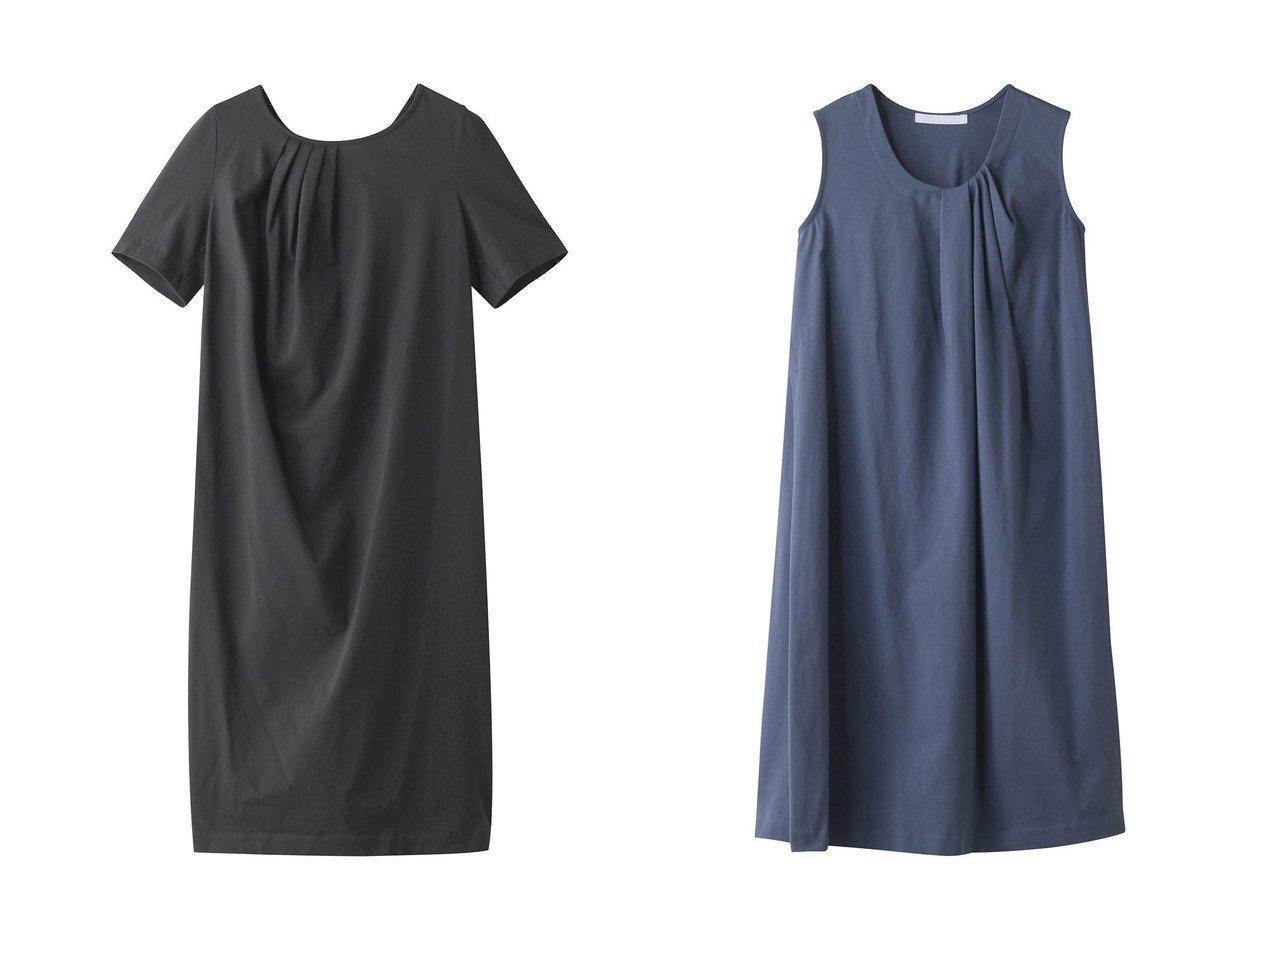 【Rawtus/ロゥタス】のコットンジャージータックドレープドレス&コットンジャージーネックタックドレス 【ワンピース・ドレス】おすすめ!人気、トレンド・レディースファッションの通販  おすすめで人気の流行・トレンド、ファッションの通販商品 メンズファッション・キッズファッション・インテリア・家具・レディースファッション・服の通販 founy(ファニー) https://founy.com/ ファッション Fashion レディースファッション WOMEN ワンピース Dress ドレス Party Dresses 2021年 2021 2021春夏・S/S SS/Spring/Summer/2021 S/S・春夏 SS・Spring/Summer おすすめ Recommend シンプル ドレープ パーティ フォルム 春 Spring |ID:crp329100000027087